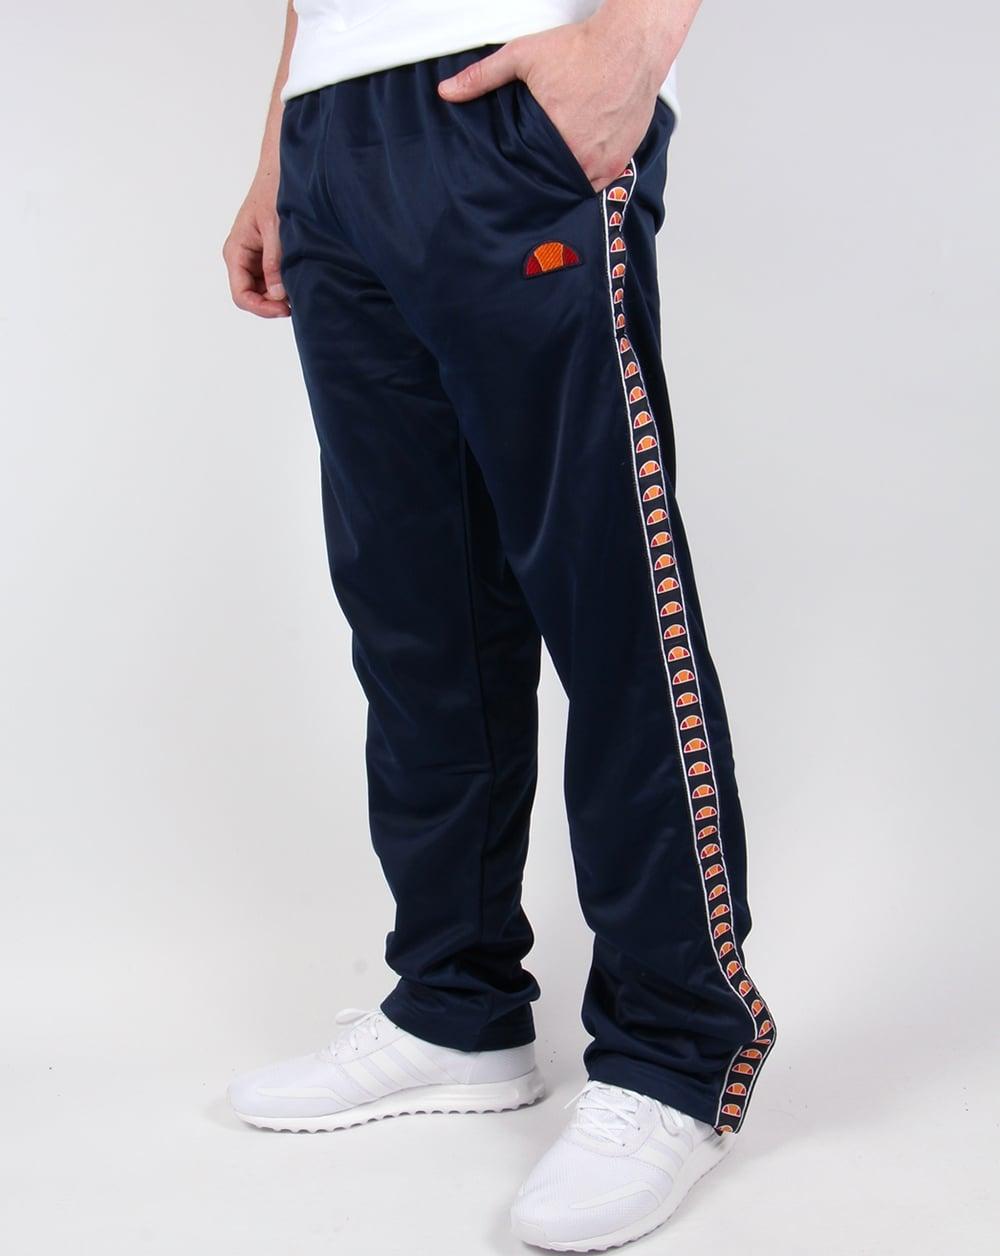 Ellesse Vigoleno Track Bottoms Navy,tracksuit,pants,mens